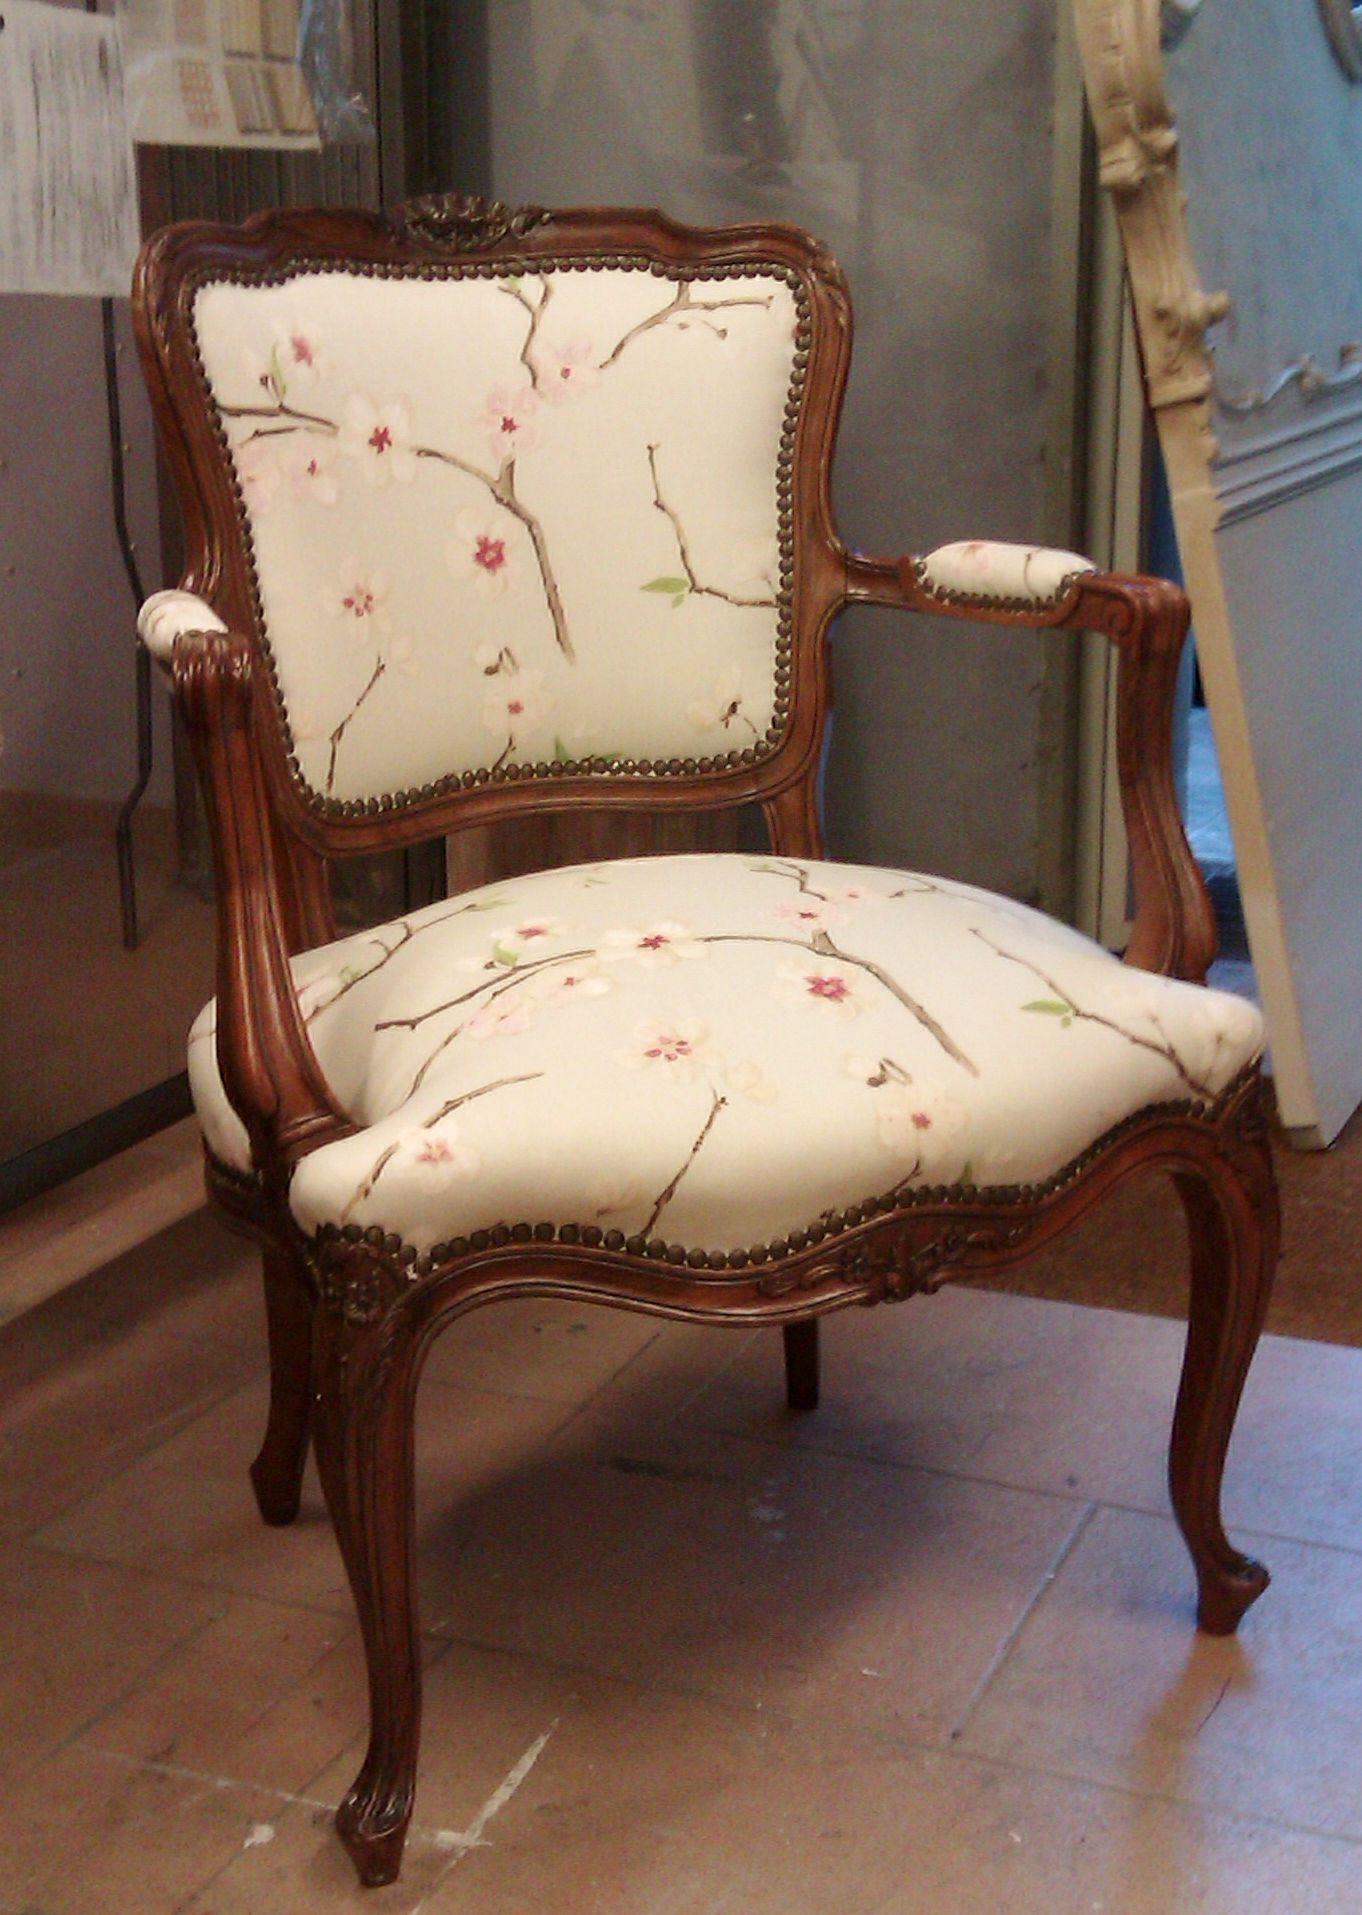 Sill n de pata curva barnizada color nogal y tapizada en - Muebles para tapizar ...